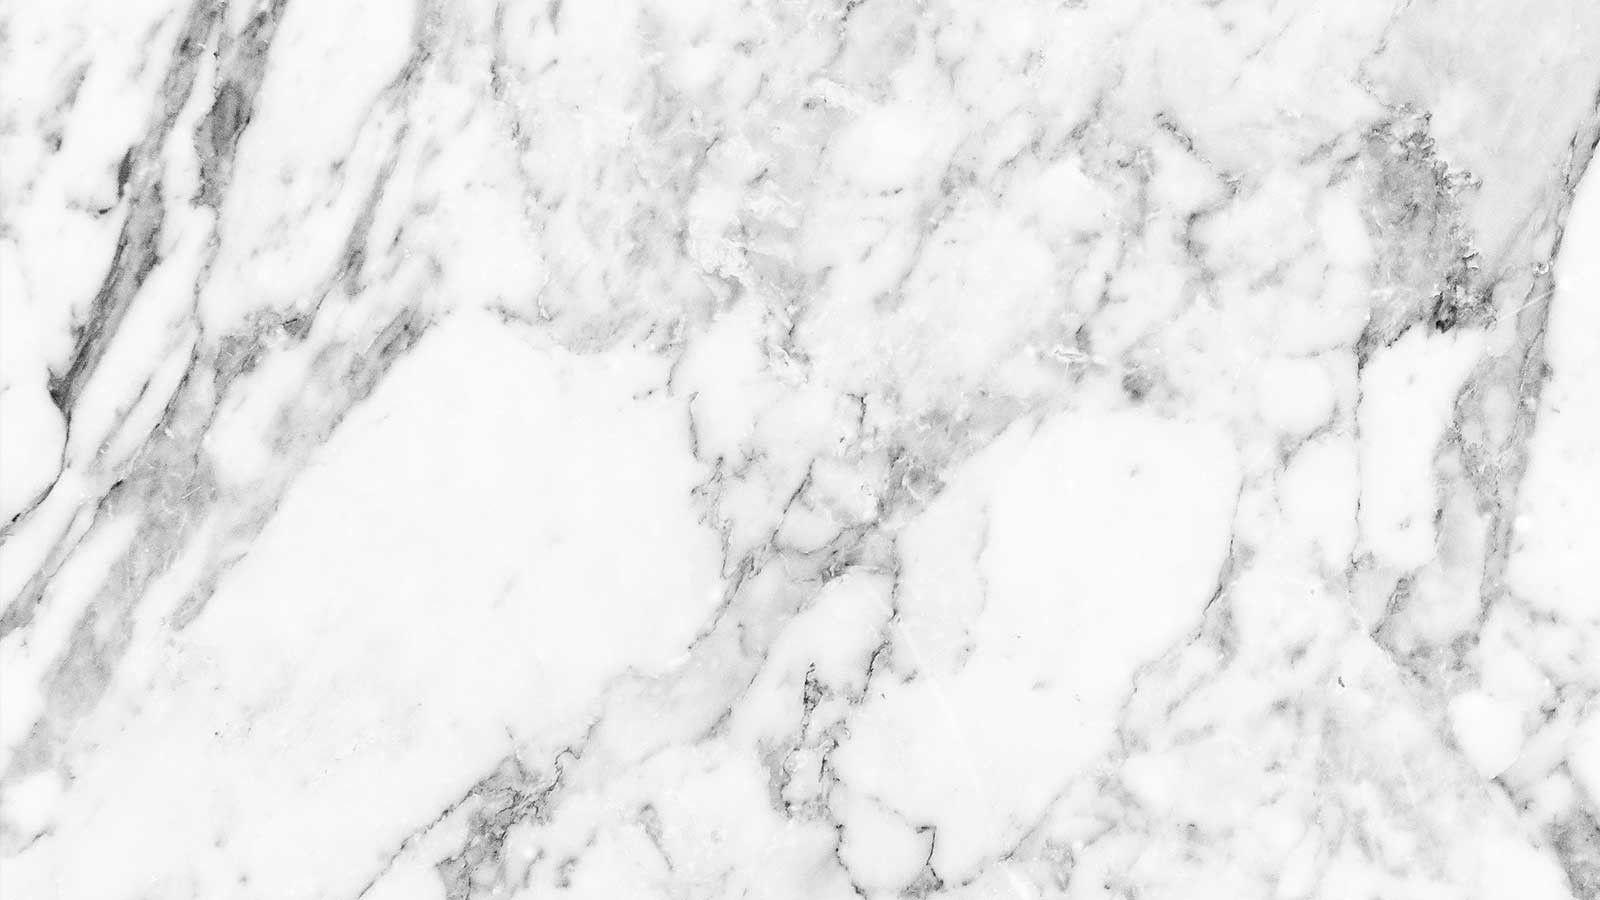 Marble Desktop Wallpapers Top Free Marble Desktop Backgrounds